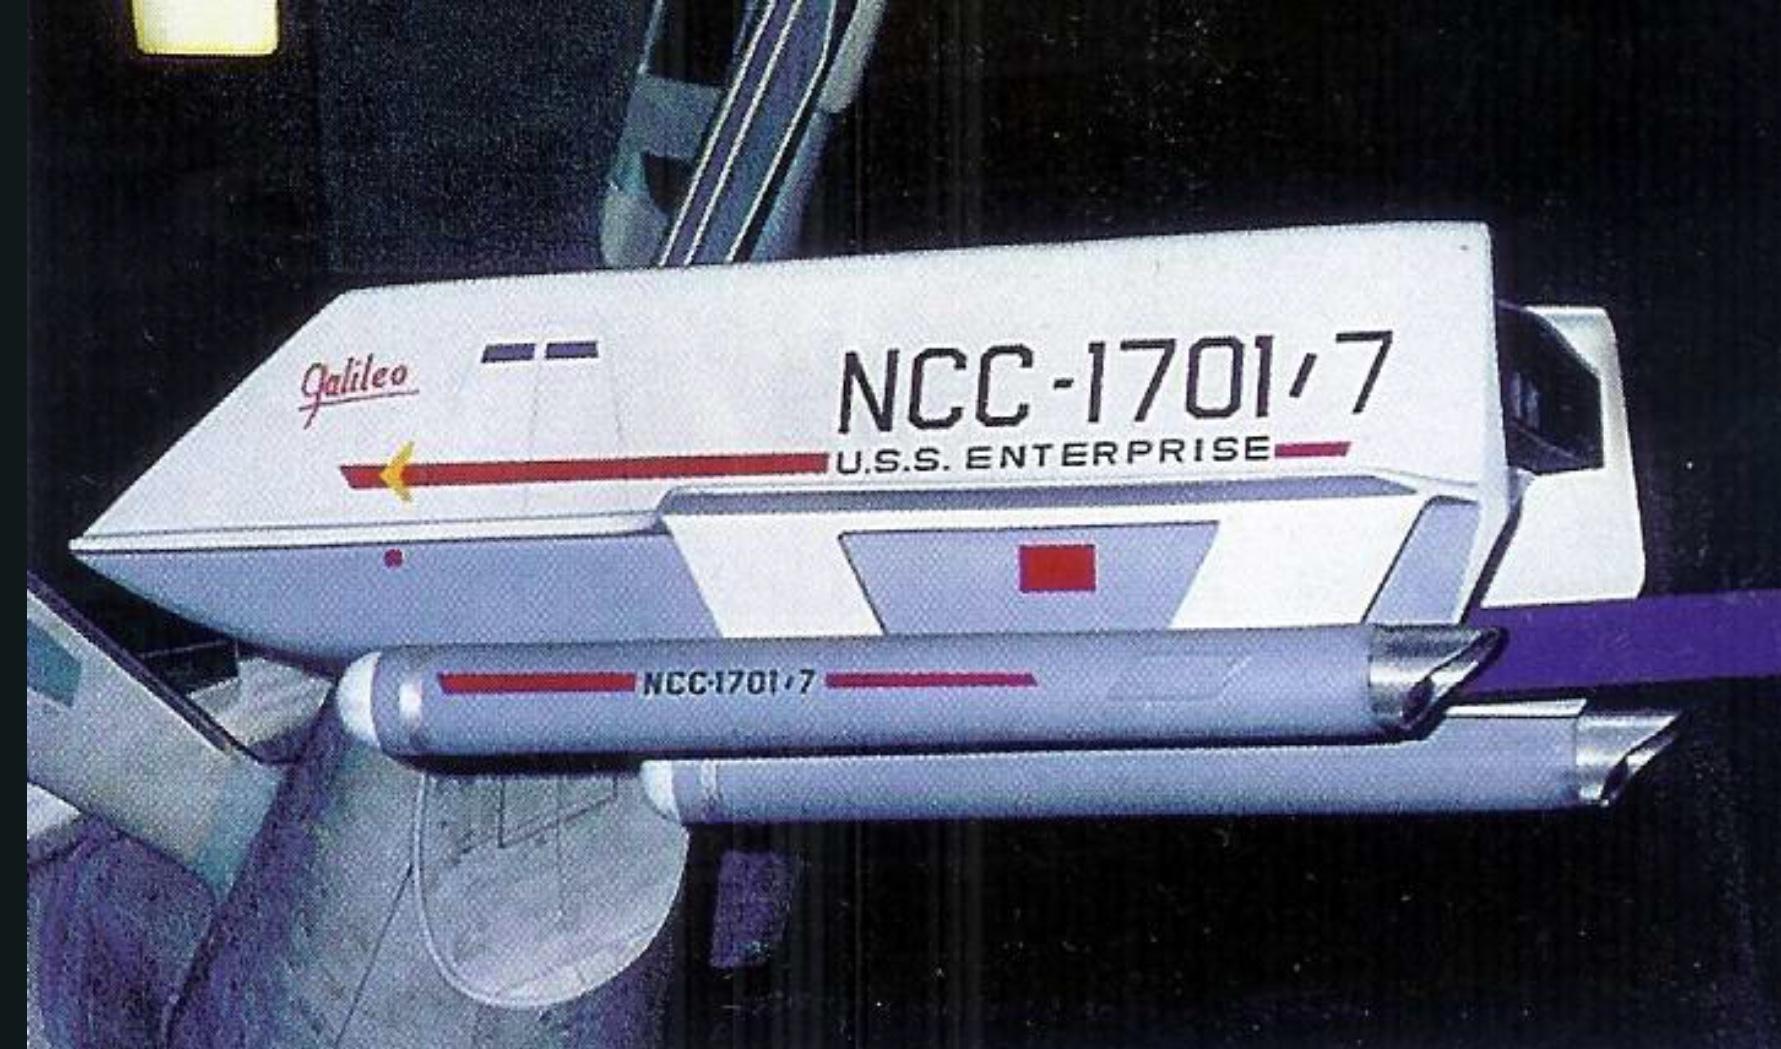 ED47338A-871D-4B45-A620-C6D81D2B971A.jpeg